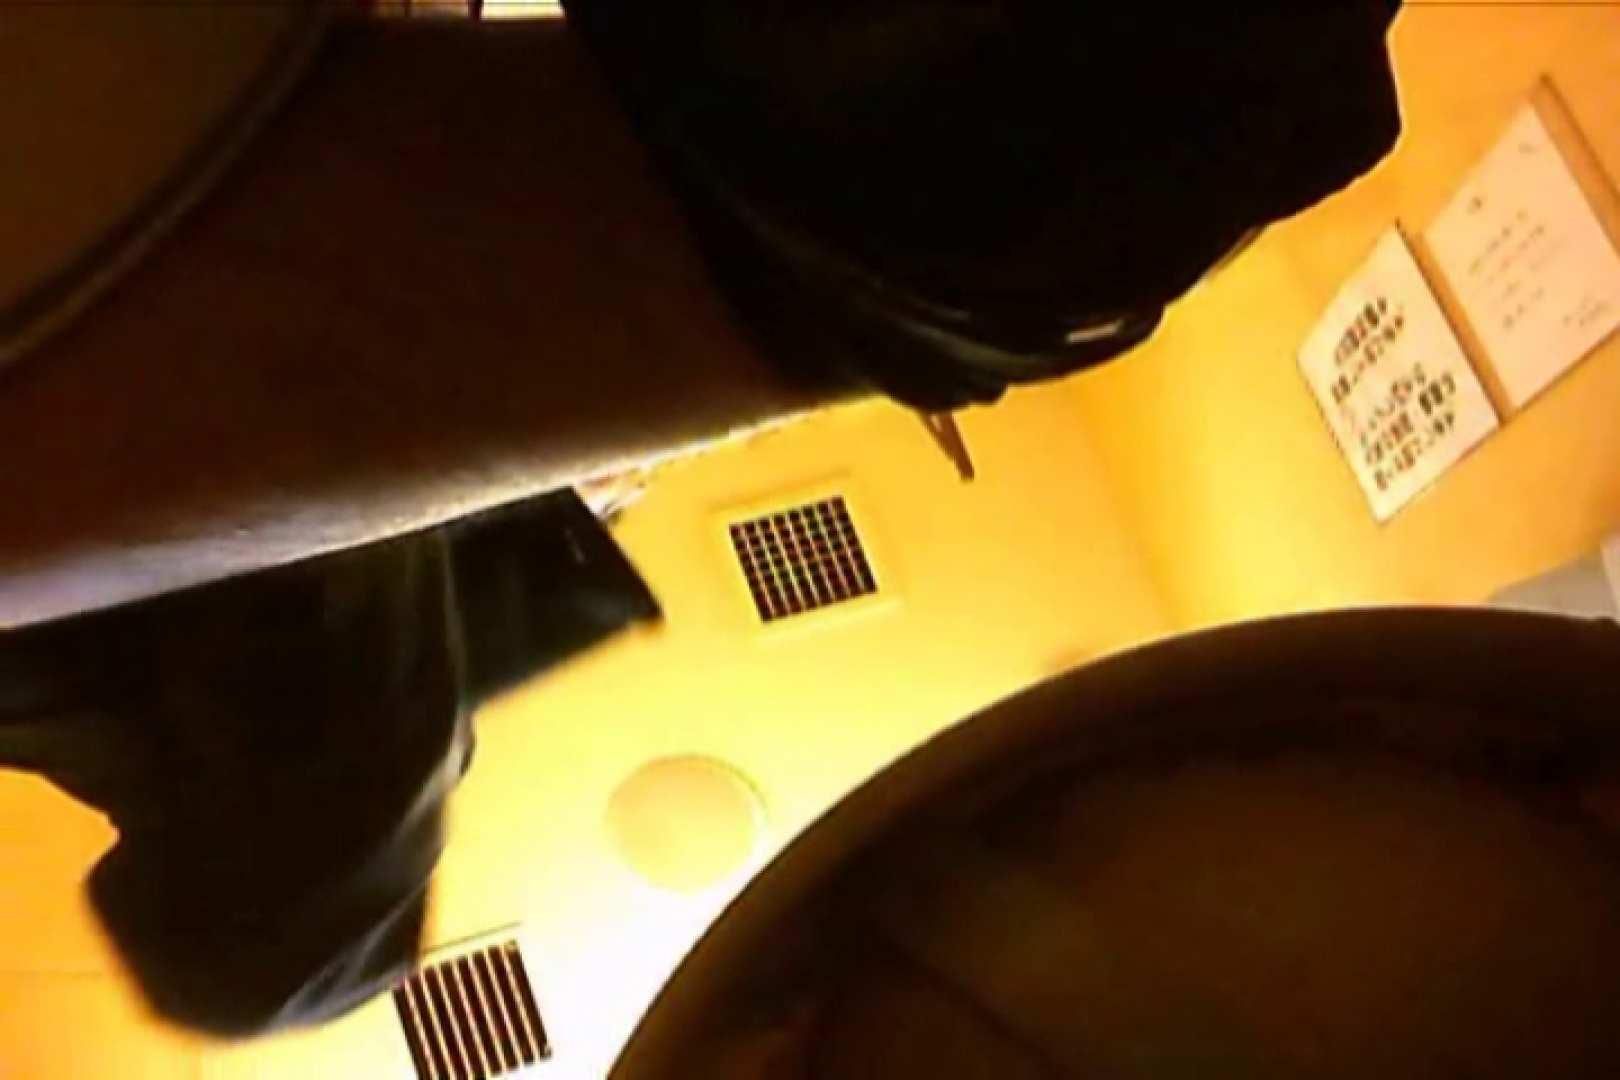 SEASON 2ND!掴み取りさんの洗面所覗き!in新幹線!VOL.04 完全無修正でお届け   ノンケボーイズ  64pic 46